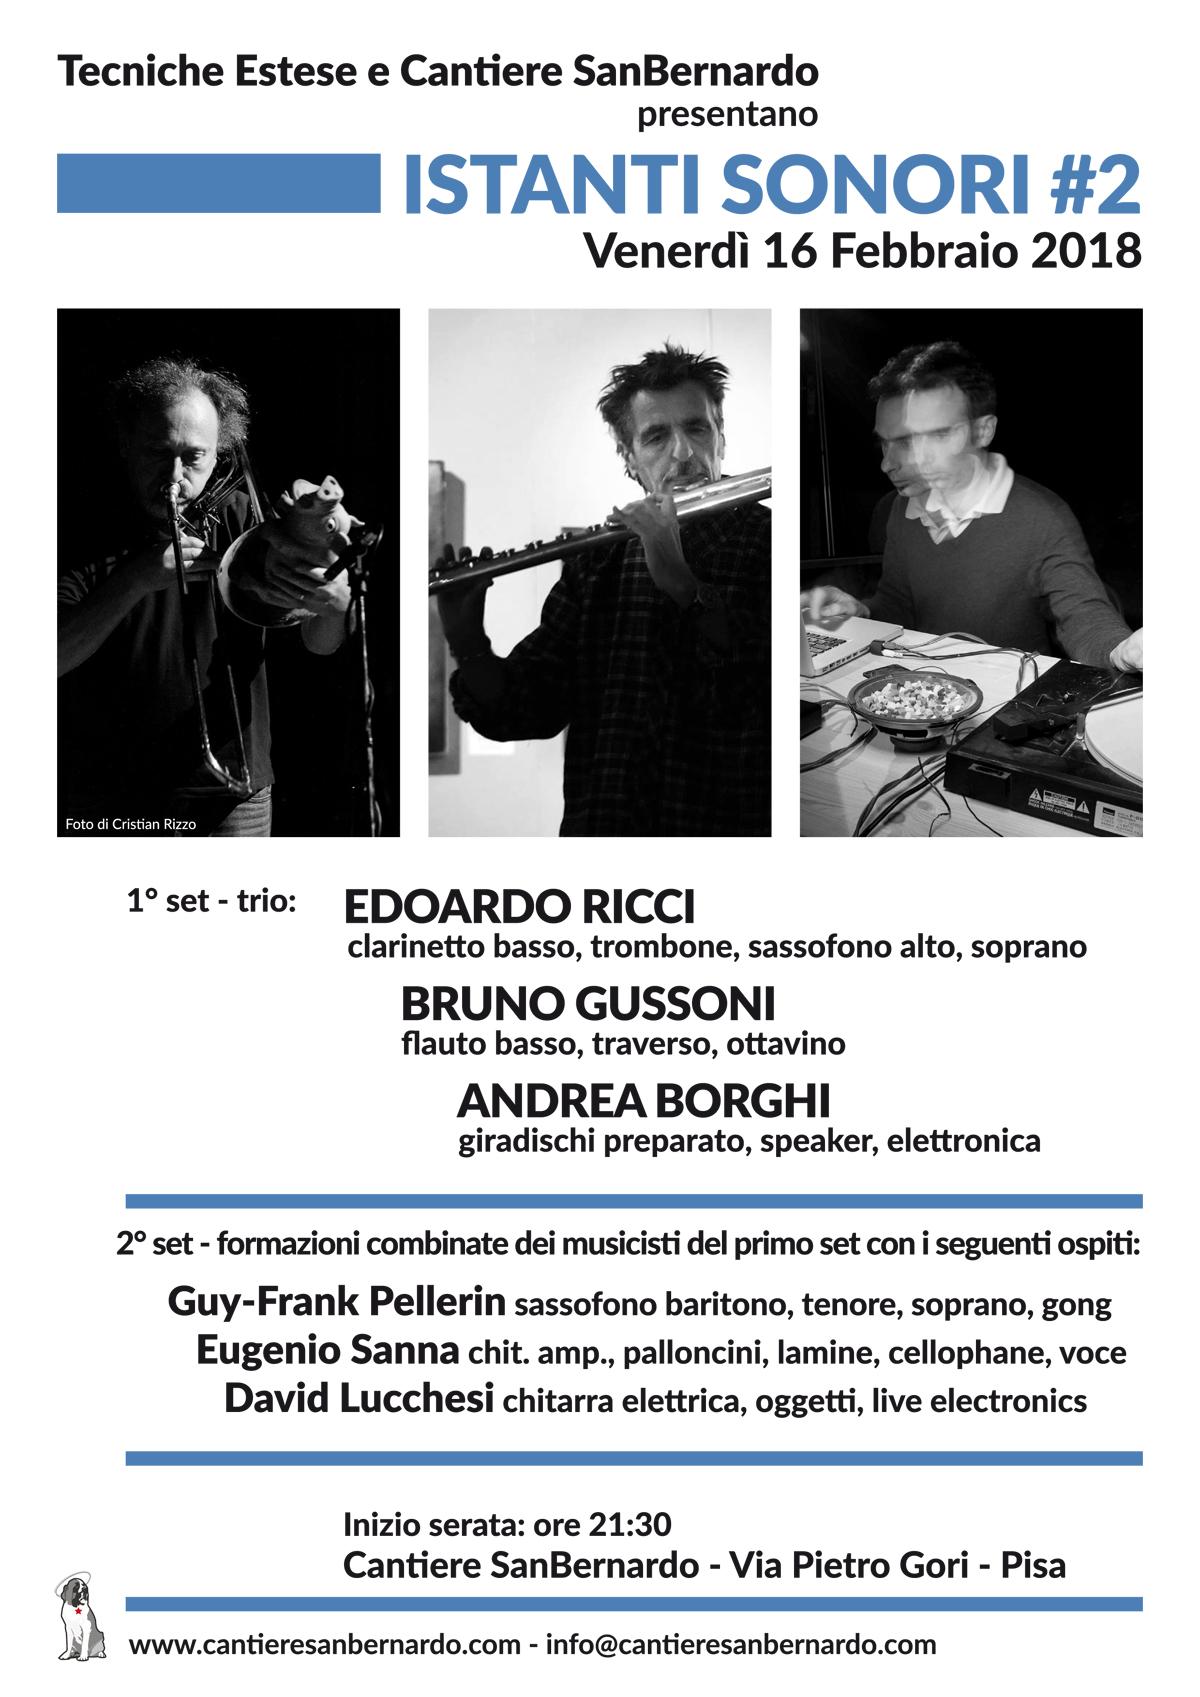 Istanti Sonori #2 - Ricci - Gussoni - Borghi